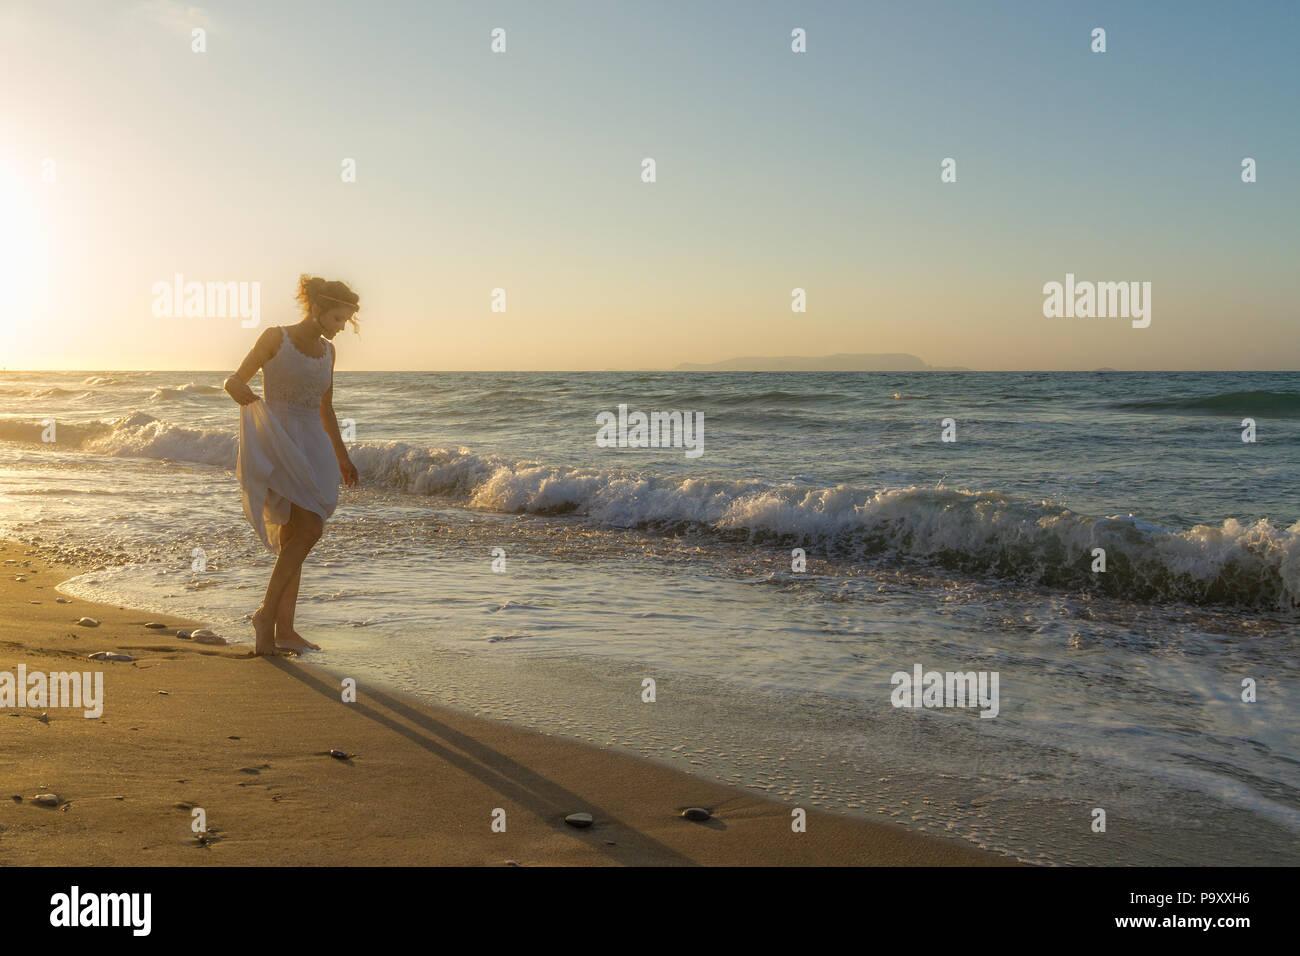 Donna in abito bianco, scalzi, sentirsi felice, vivo e libero in natura meditando a Sandy misty respirazione spiaggia fresca e pulita aria dell'oceano al tramonto. Vacanze estive il concetto di stile di vita Immagini Stock